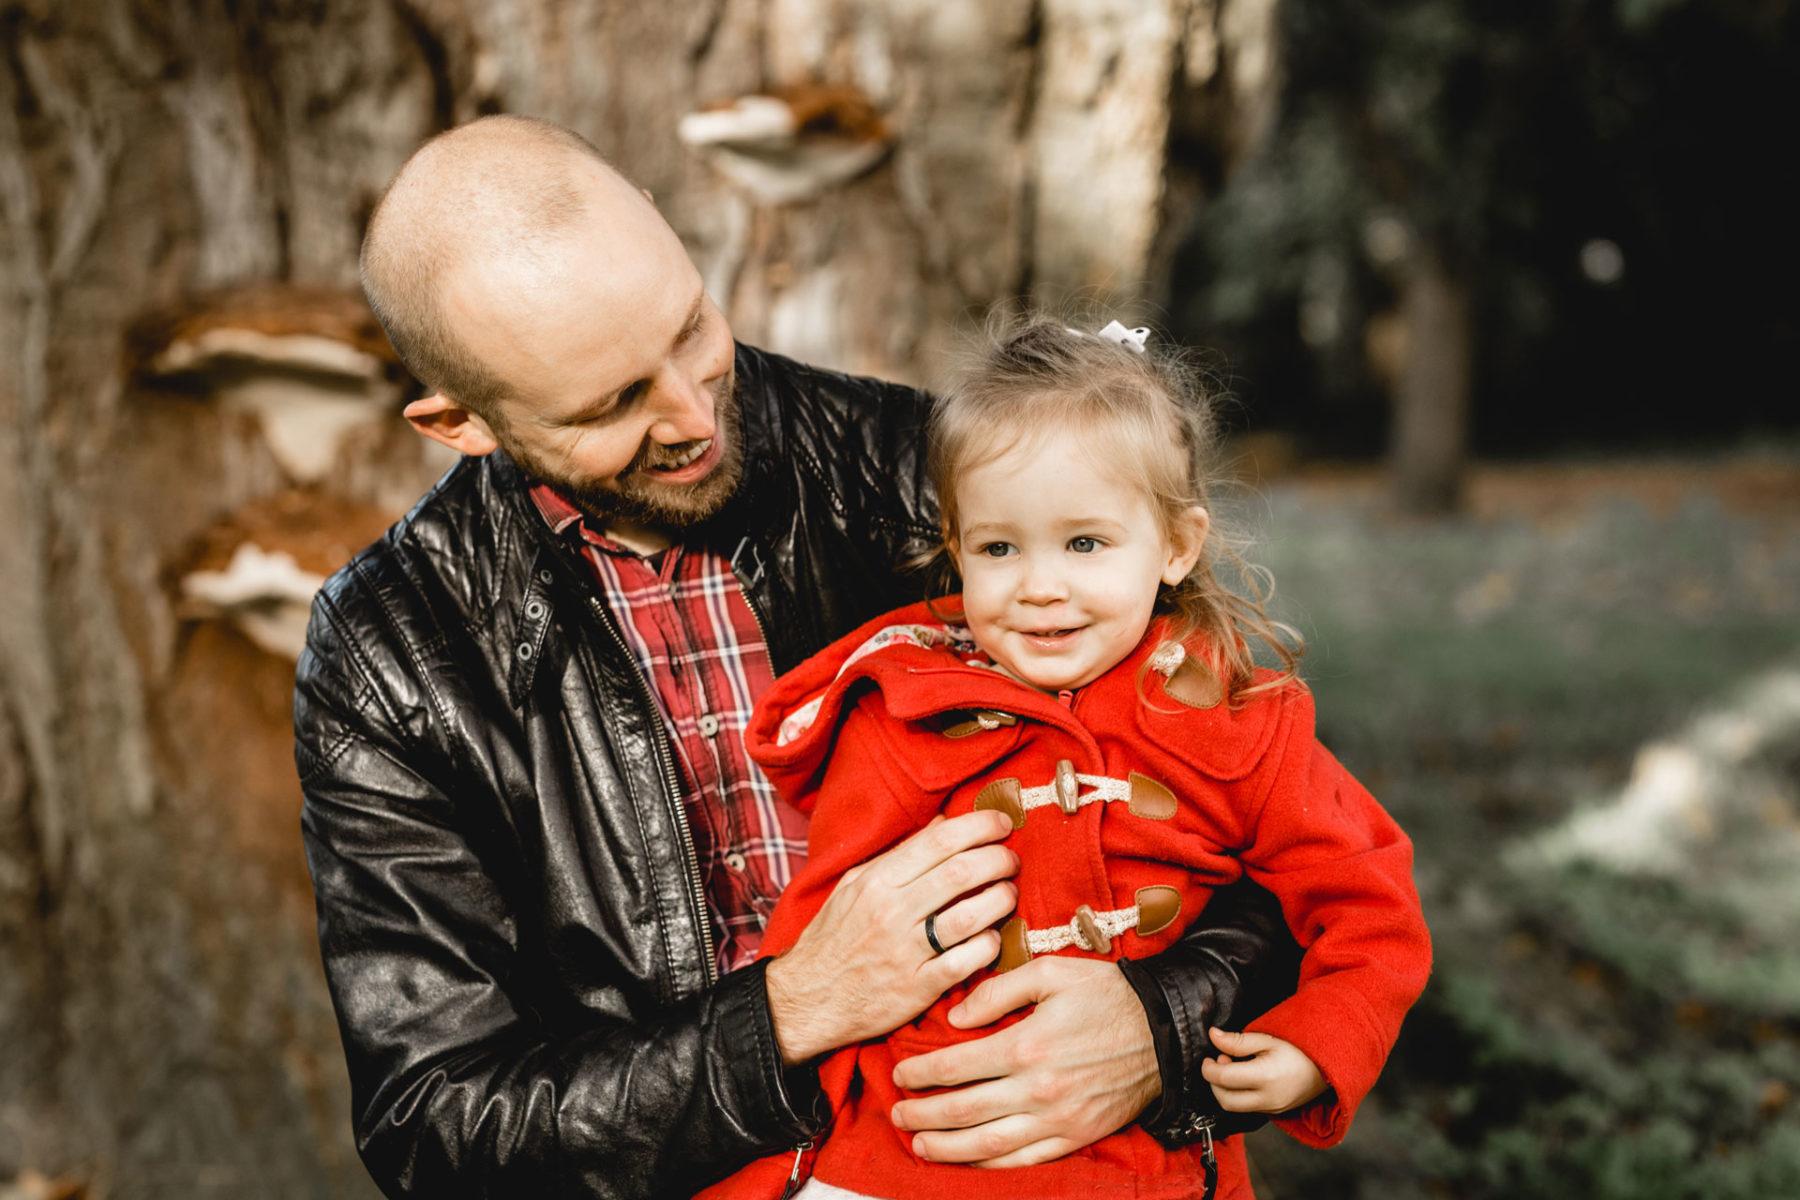 Familienfotografin Familienfotografie Familienfotos Fotoshooting Kinder Familie Erftstadt Köln Bonn Aachen Düren Bergheim